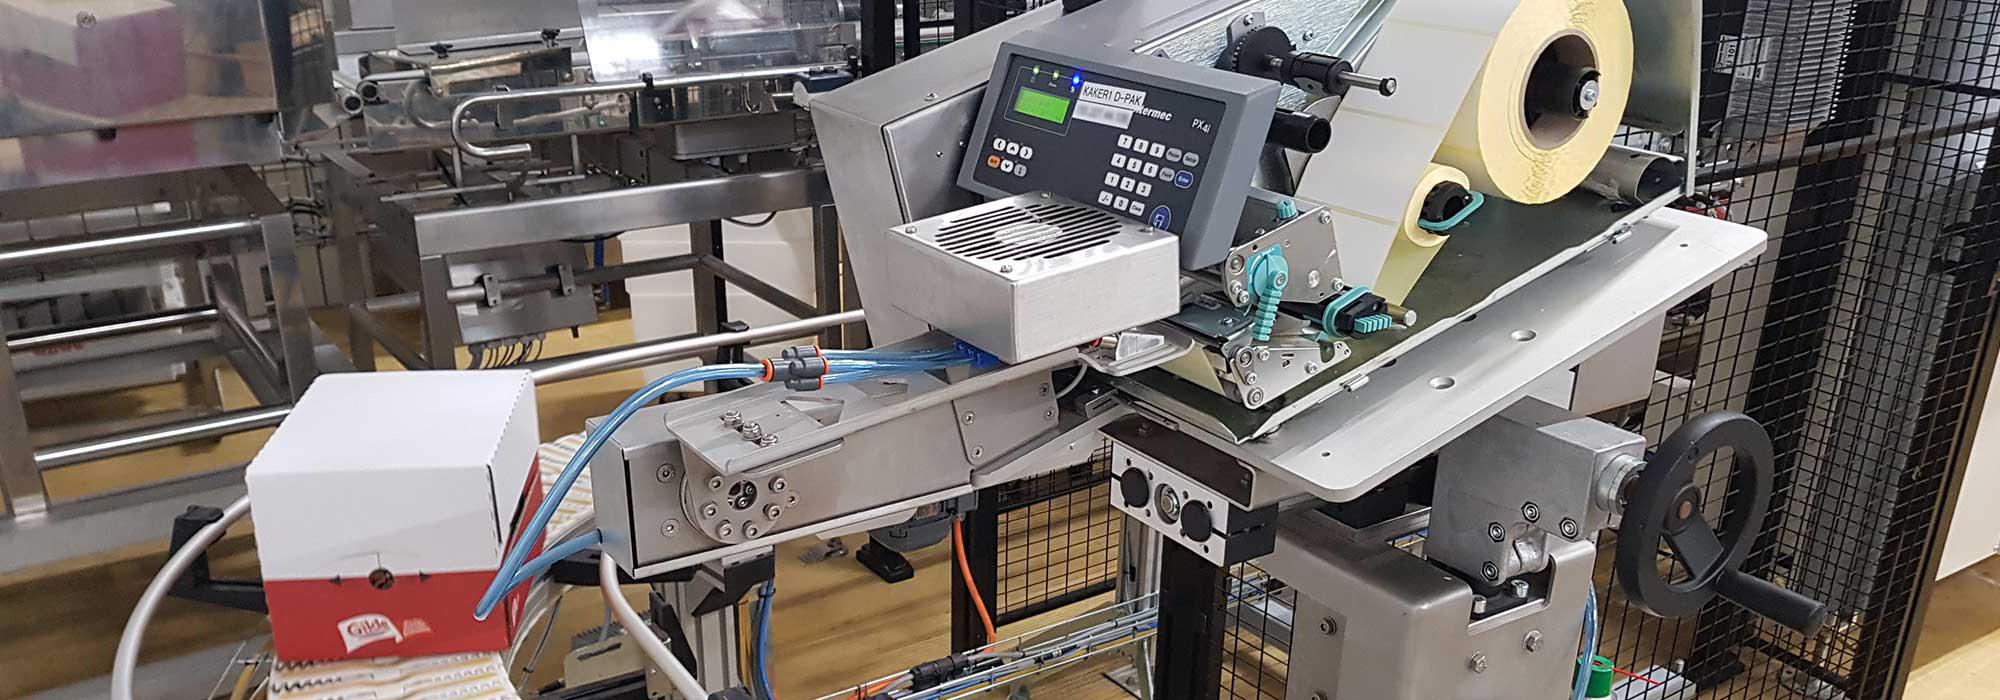 Maskiner i et produksjonsanlegg